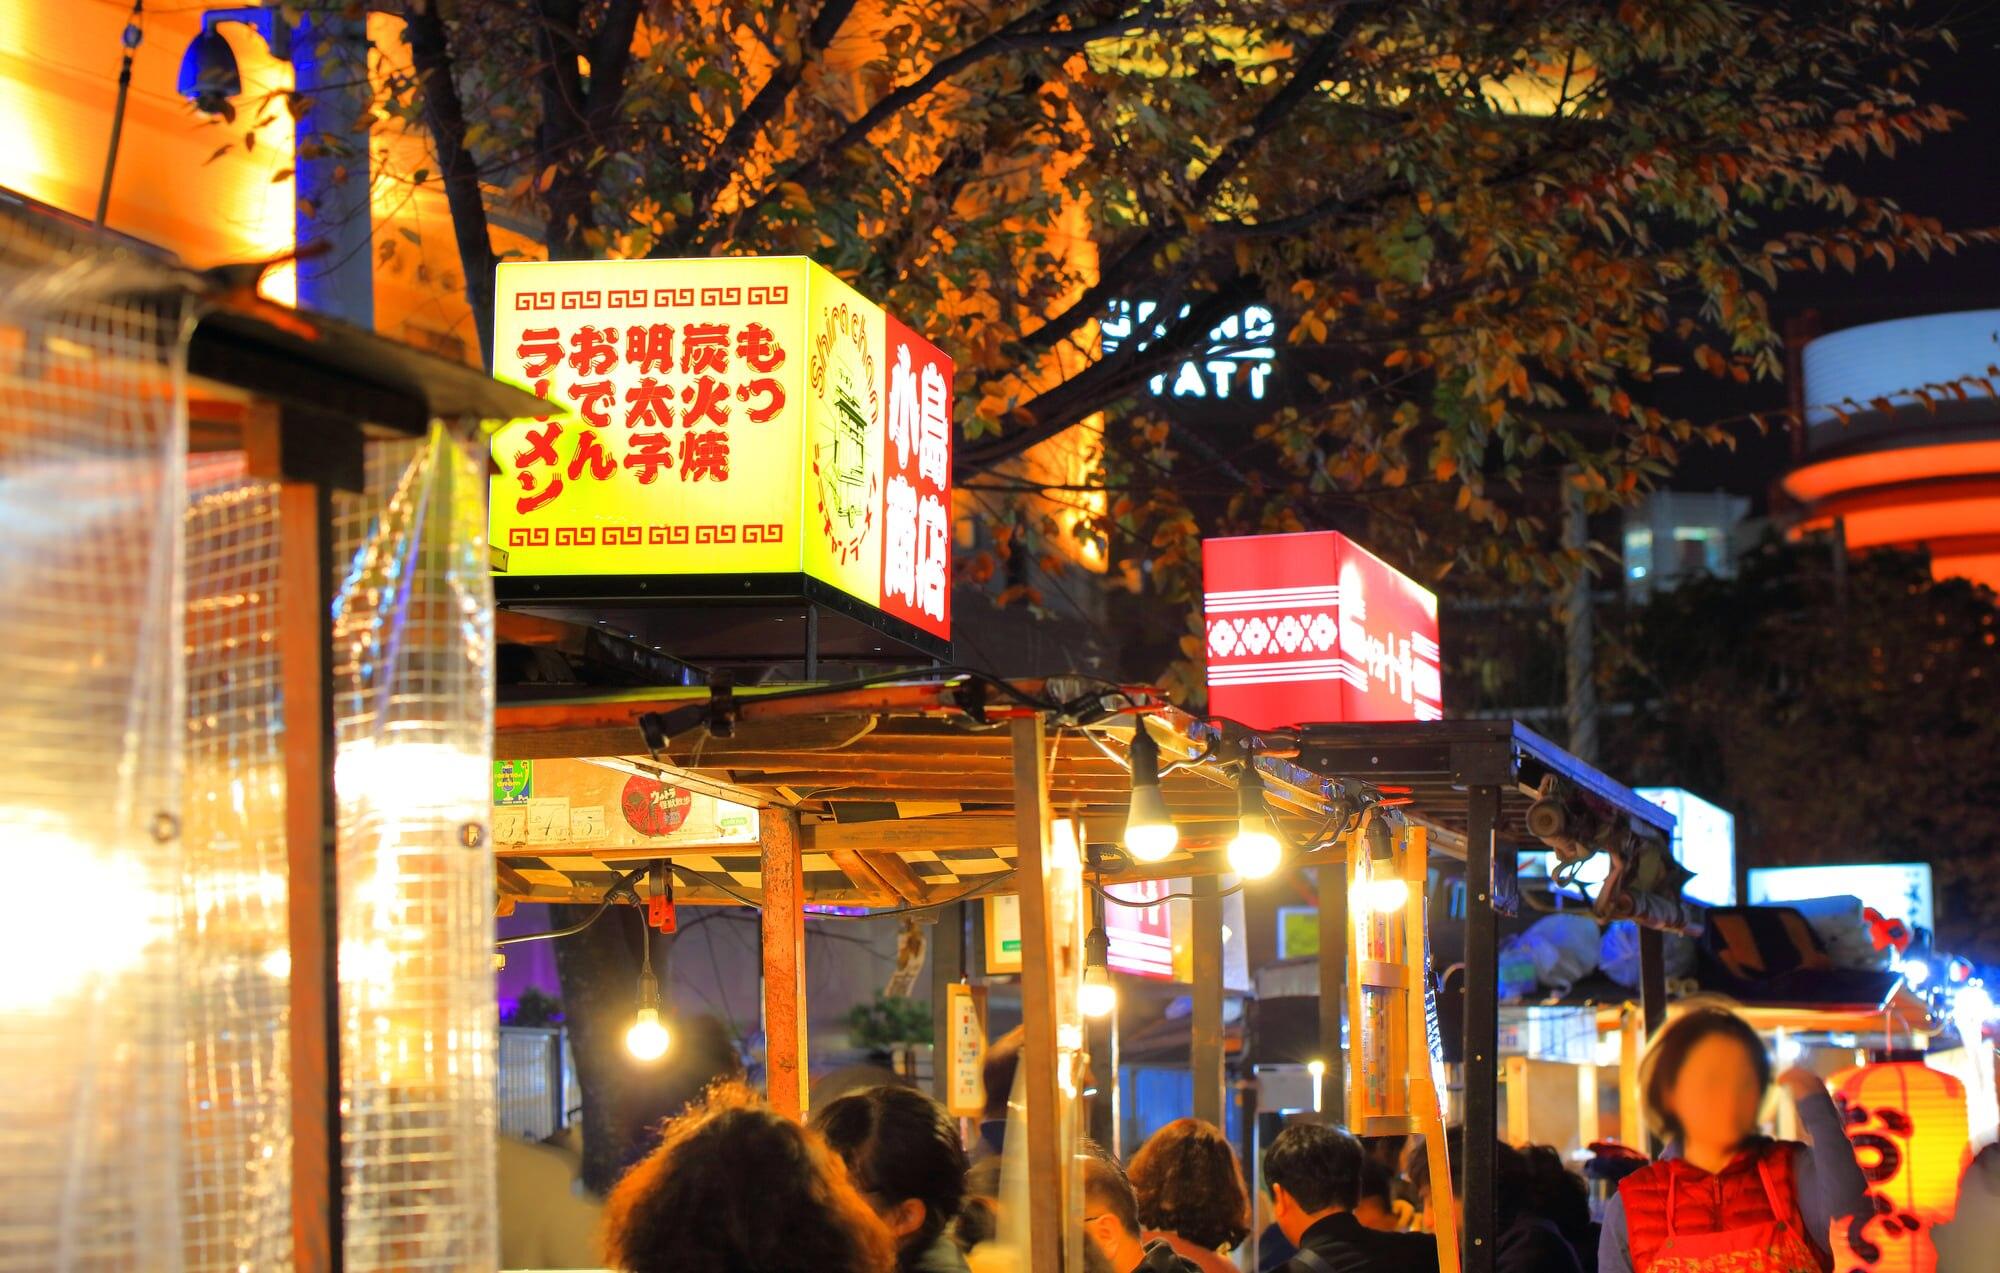 福岡の名物・博多屋台街に出かけよう!楽しみ方や美味しいお店も紹介!